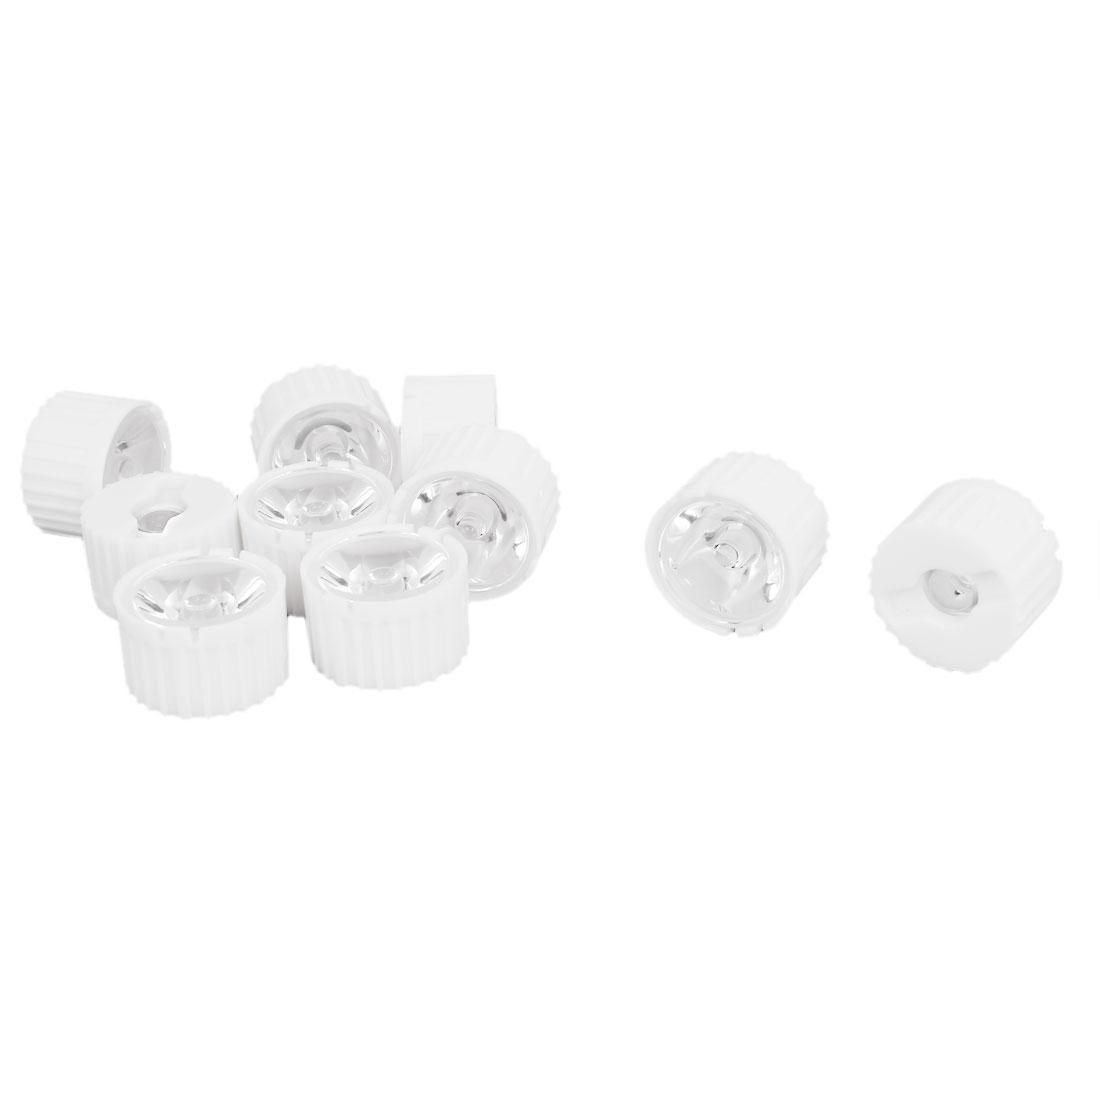 10 Pcs 15 Degree View Angle Condenser Light LED Optical Lens w White Holder